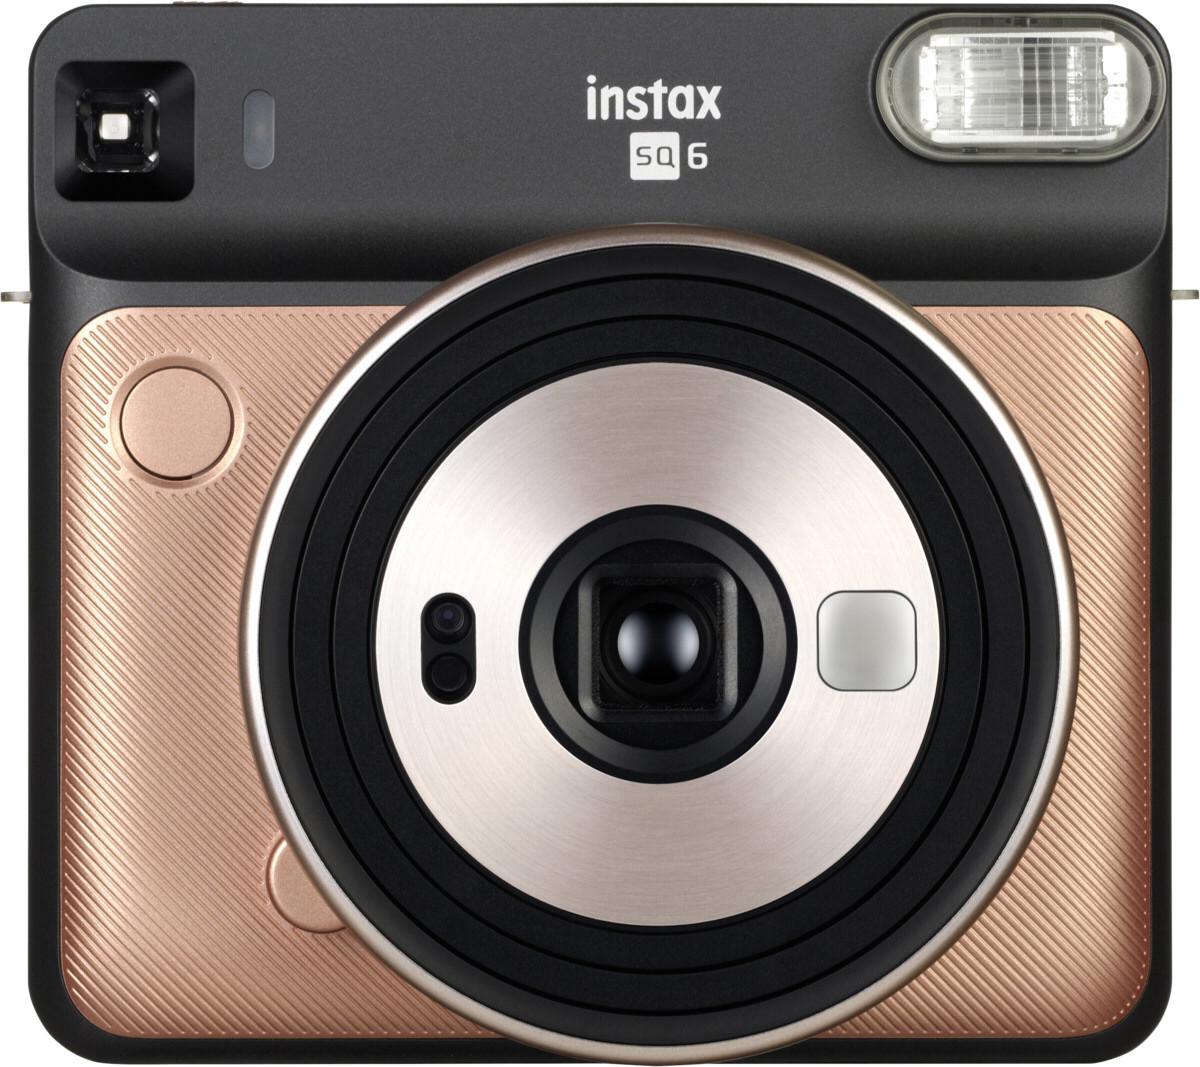 Fujifilm Instax SQ6, zeltrozā + fotomateriāls 4741326404665 4741326404665 Digitālā kamera